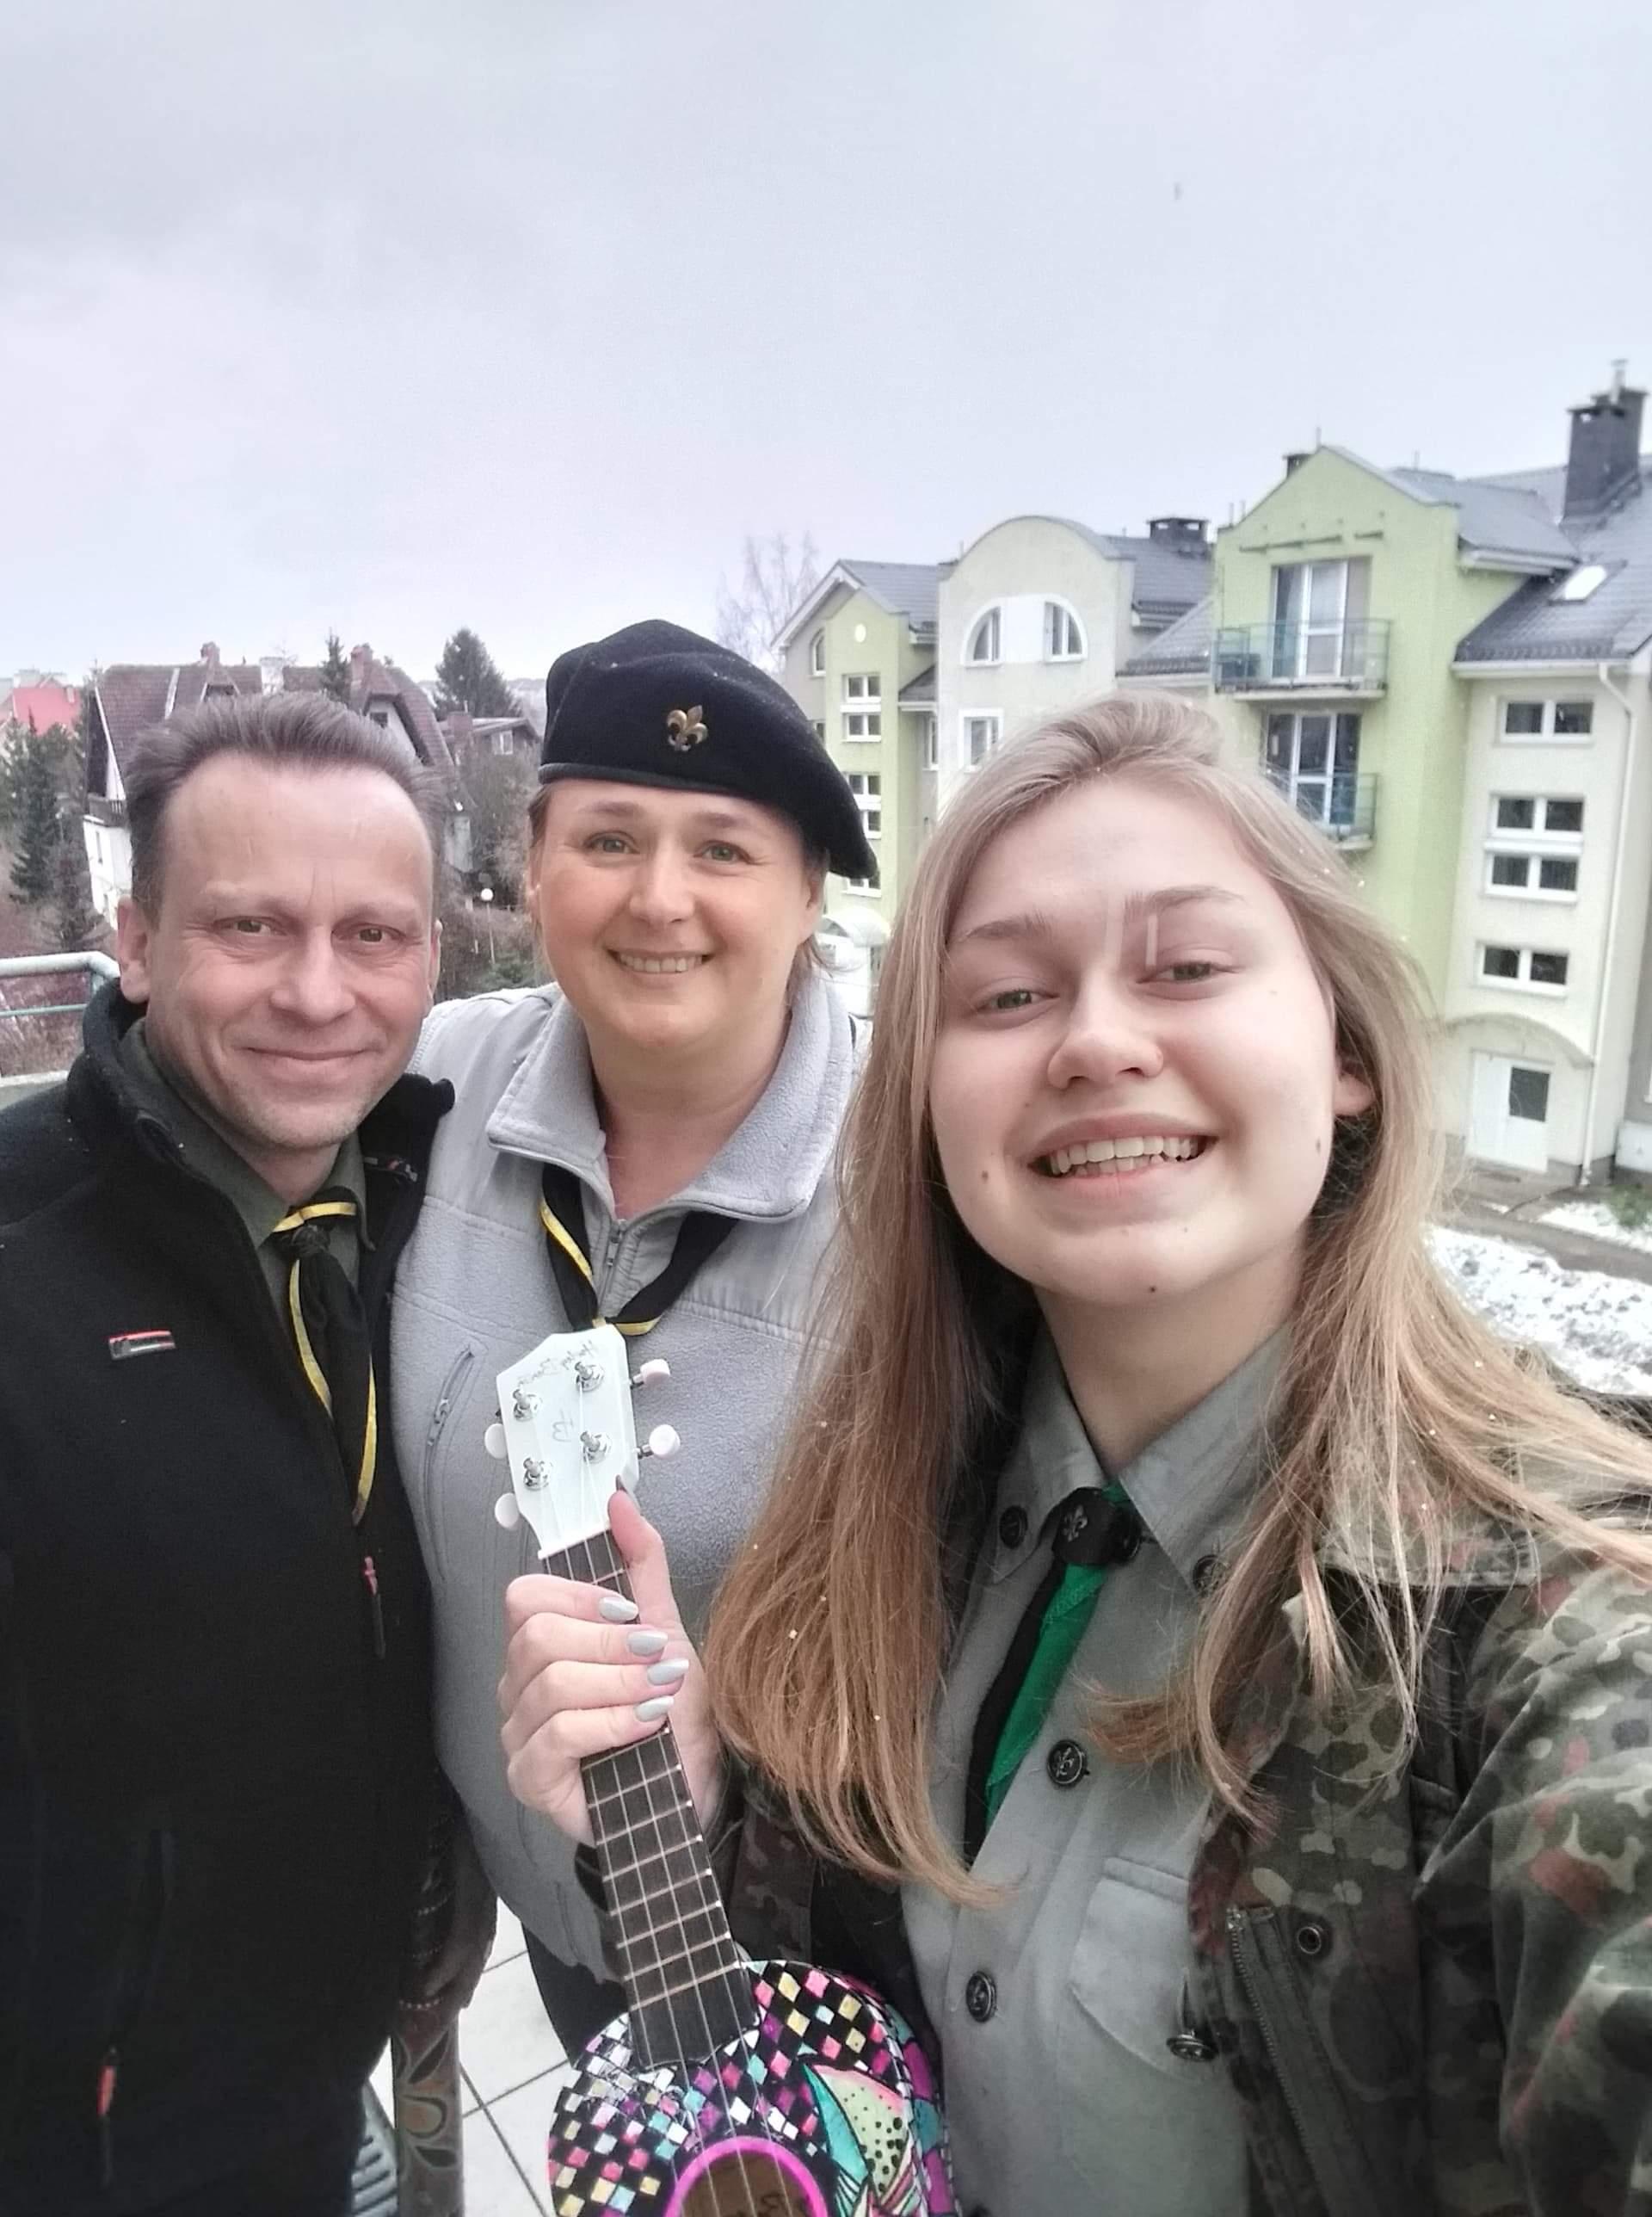 Artur, Dorota i Ola Bradtke na balkonie. fot. archiwum rodzinne